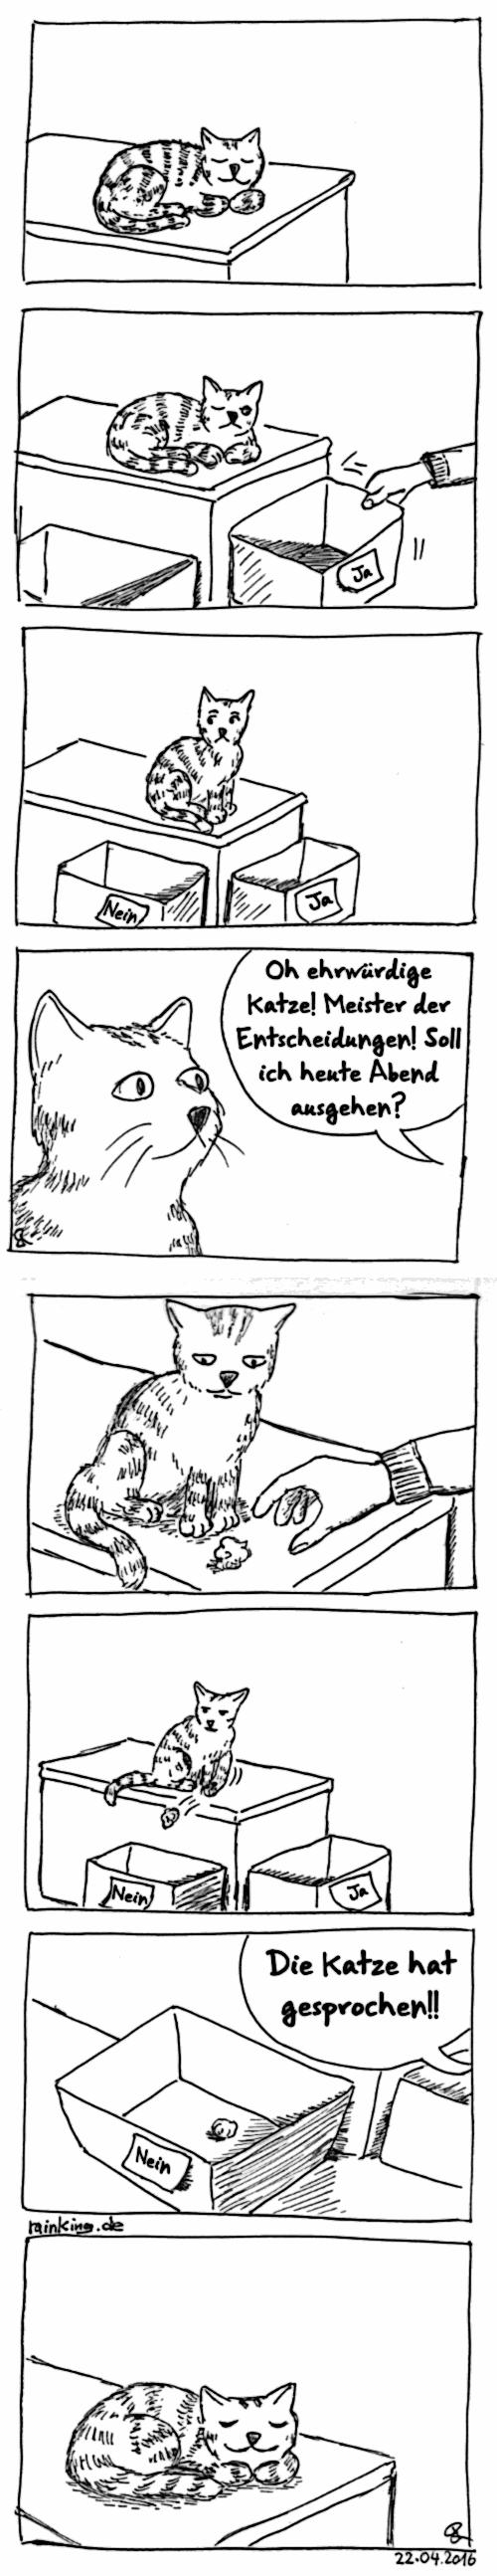 2016-04-22_EntscheidungsKatze_DE